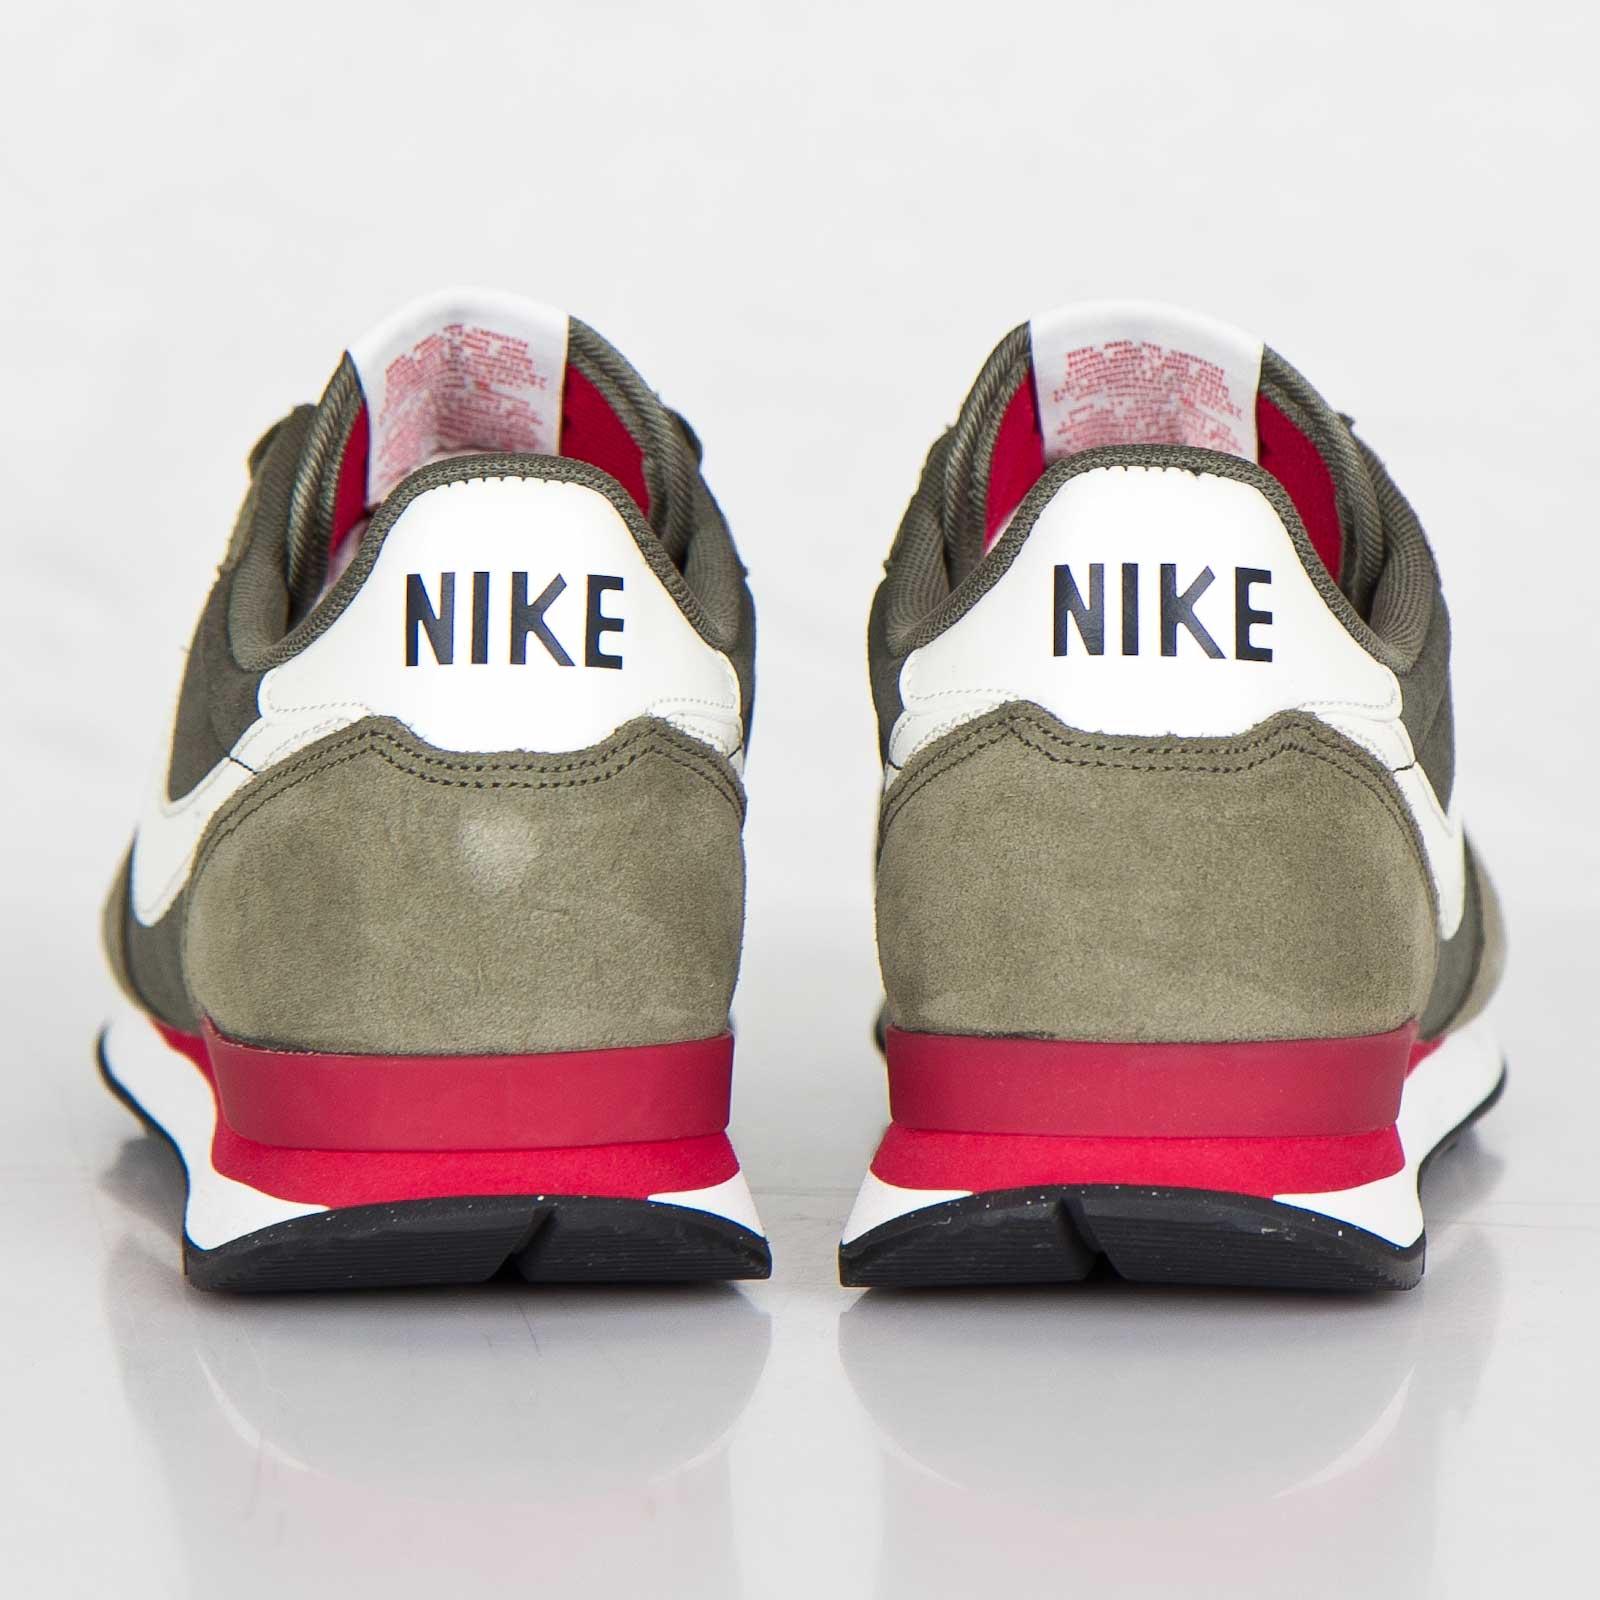 new styles 86c12 c5062 Nike Internationalist Leather - 631755-300 - Sneakersnstuff   sneakers    streetwear online since 1999